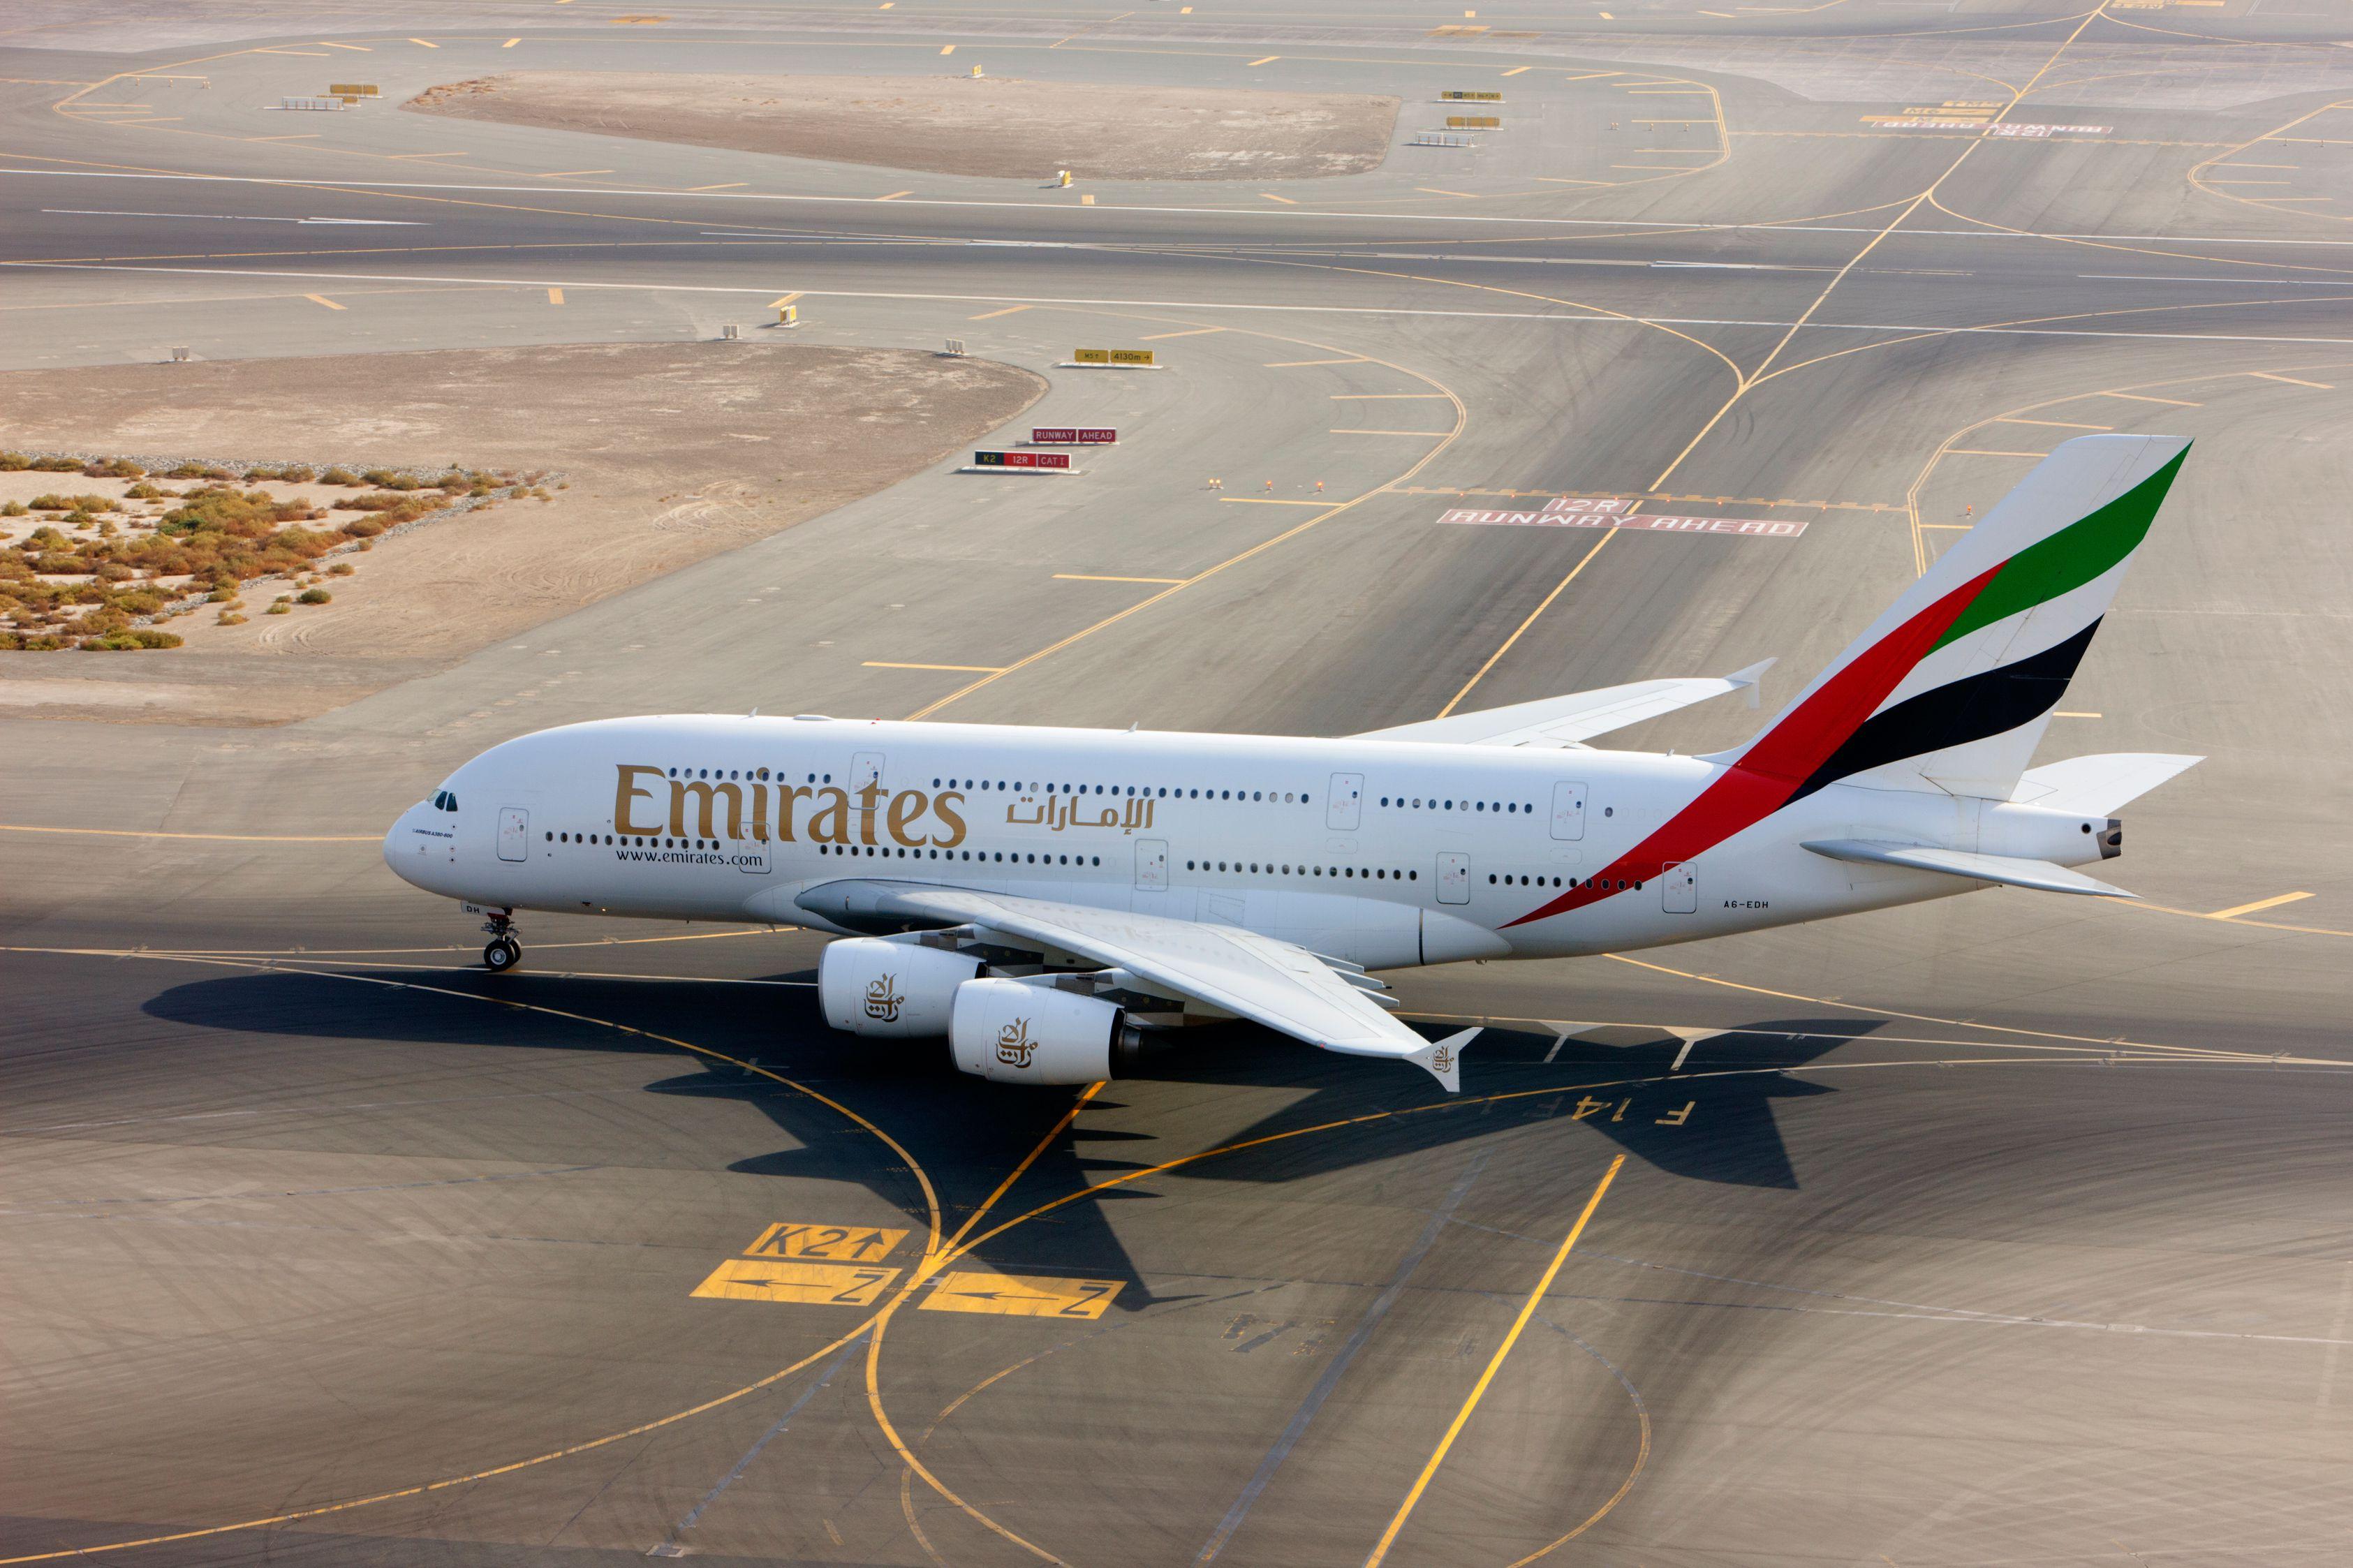 Emirates - BIG!!!